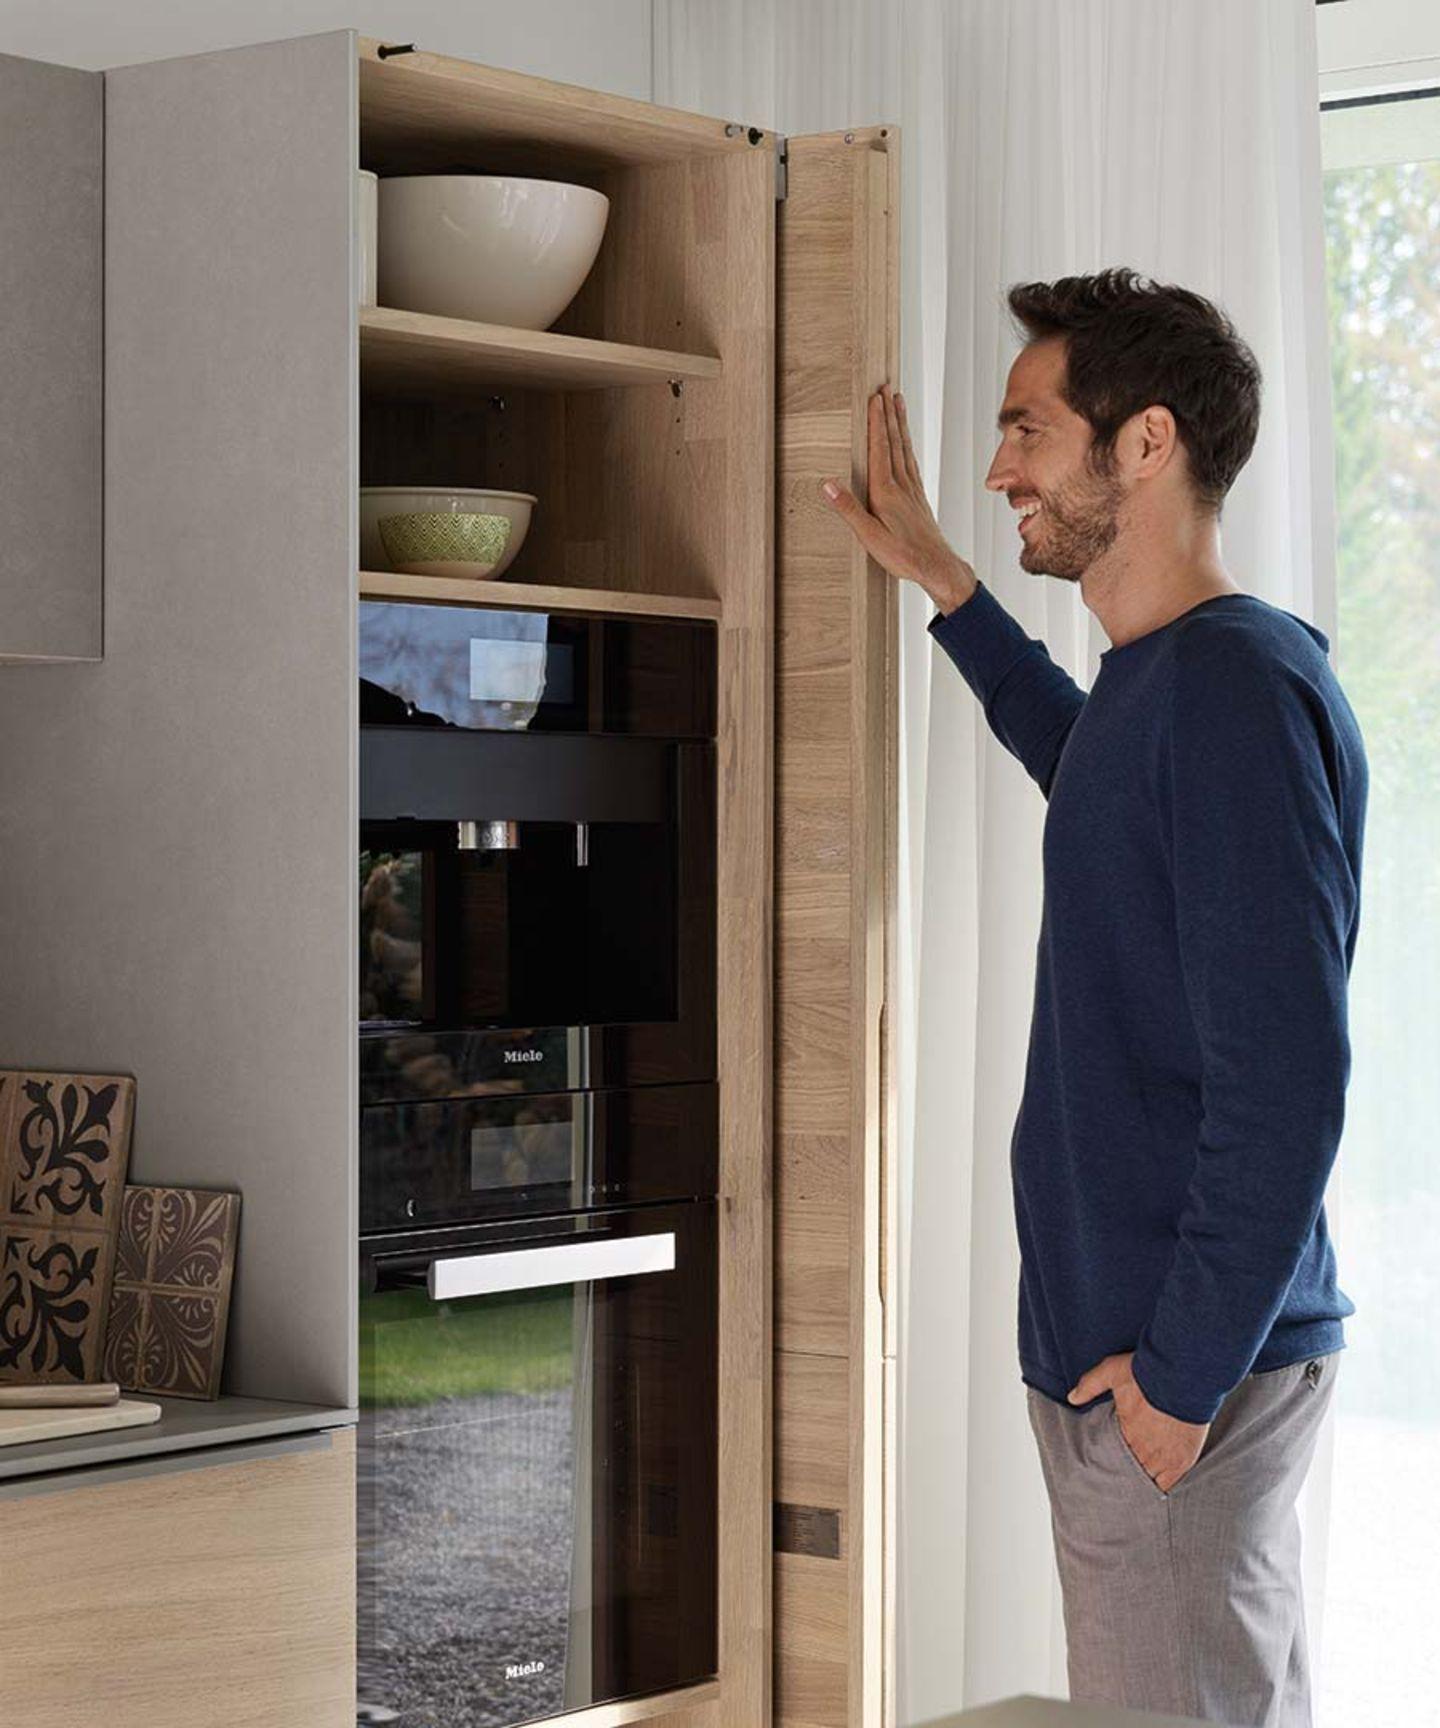 Cucina filigno con armadio per elettrodomestici con ante scorrevoli